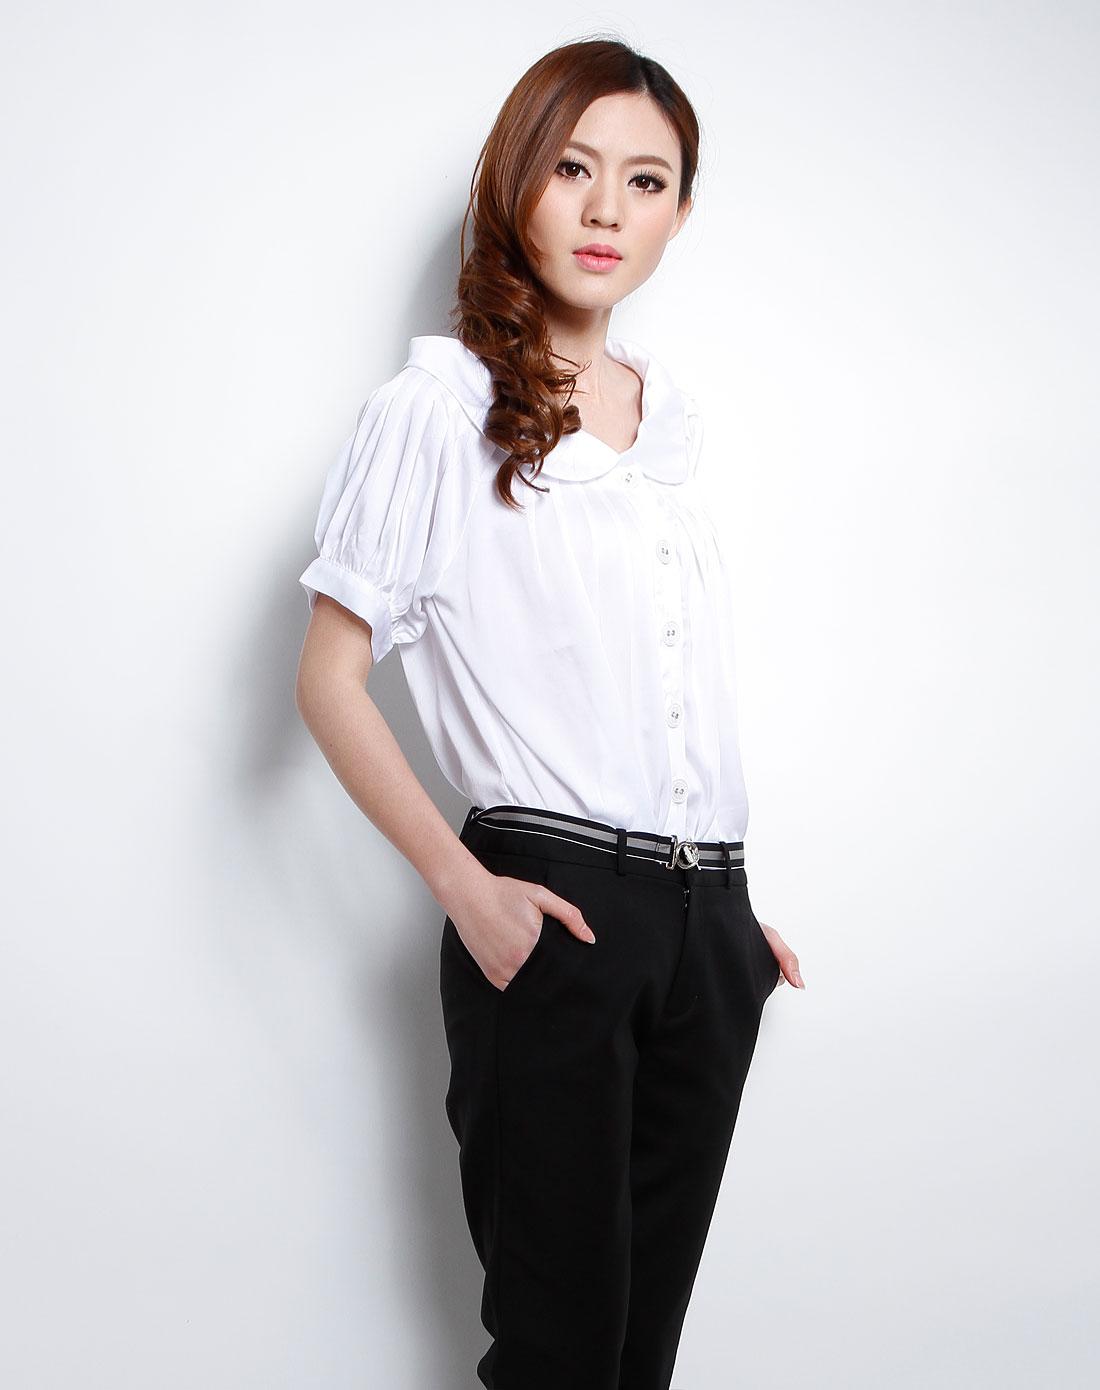 女休闲�z(�:(�ybj�f_女款白色休闲短袖衬衫